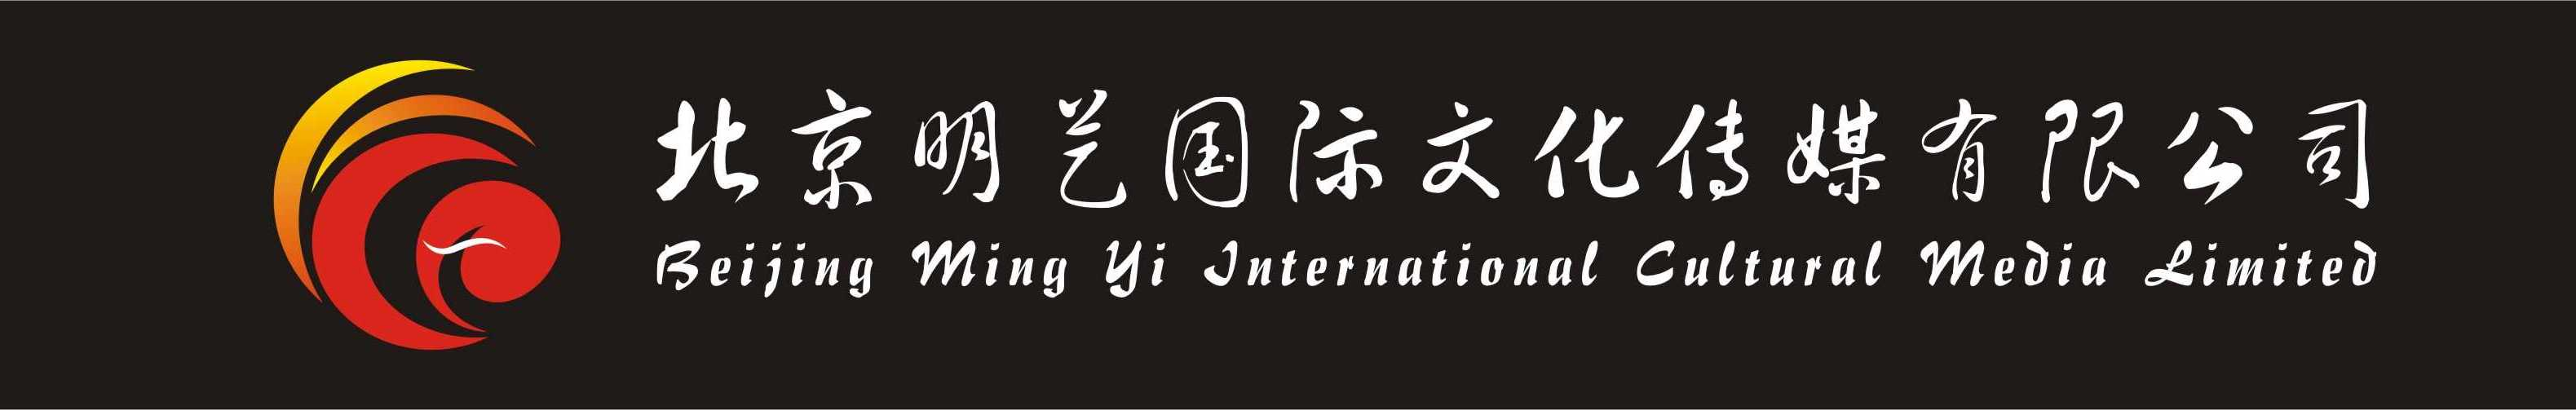 meihuagongfu banner